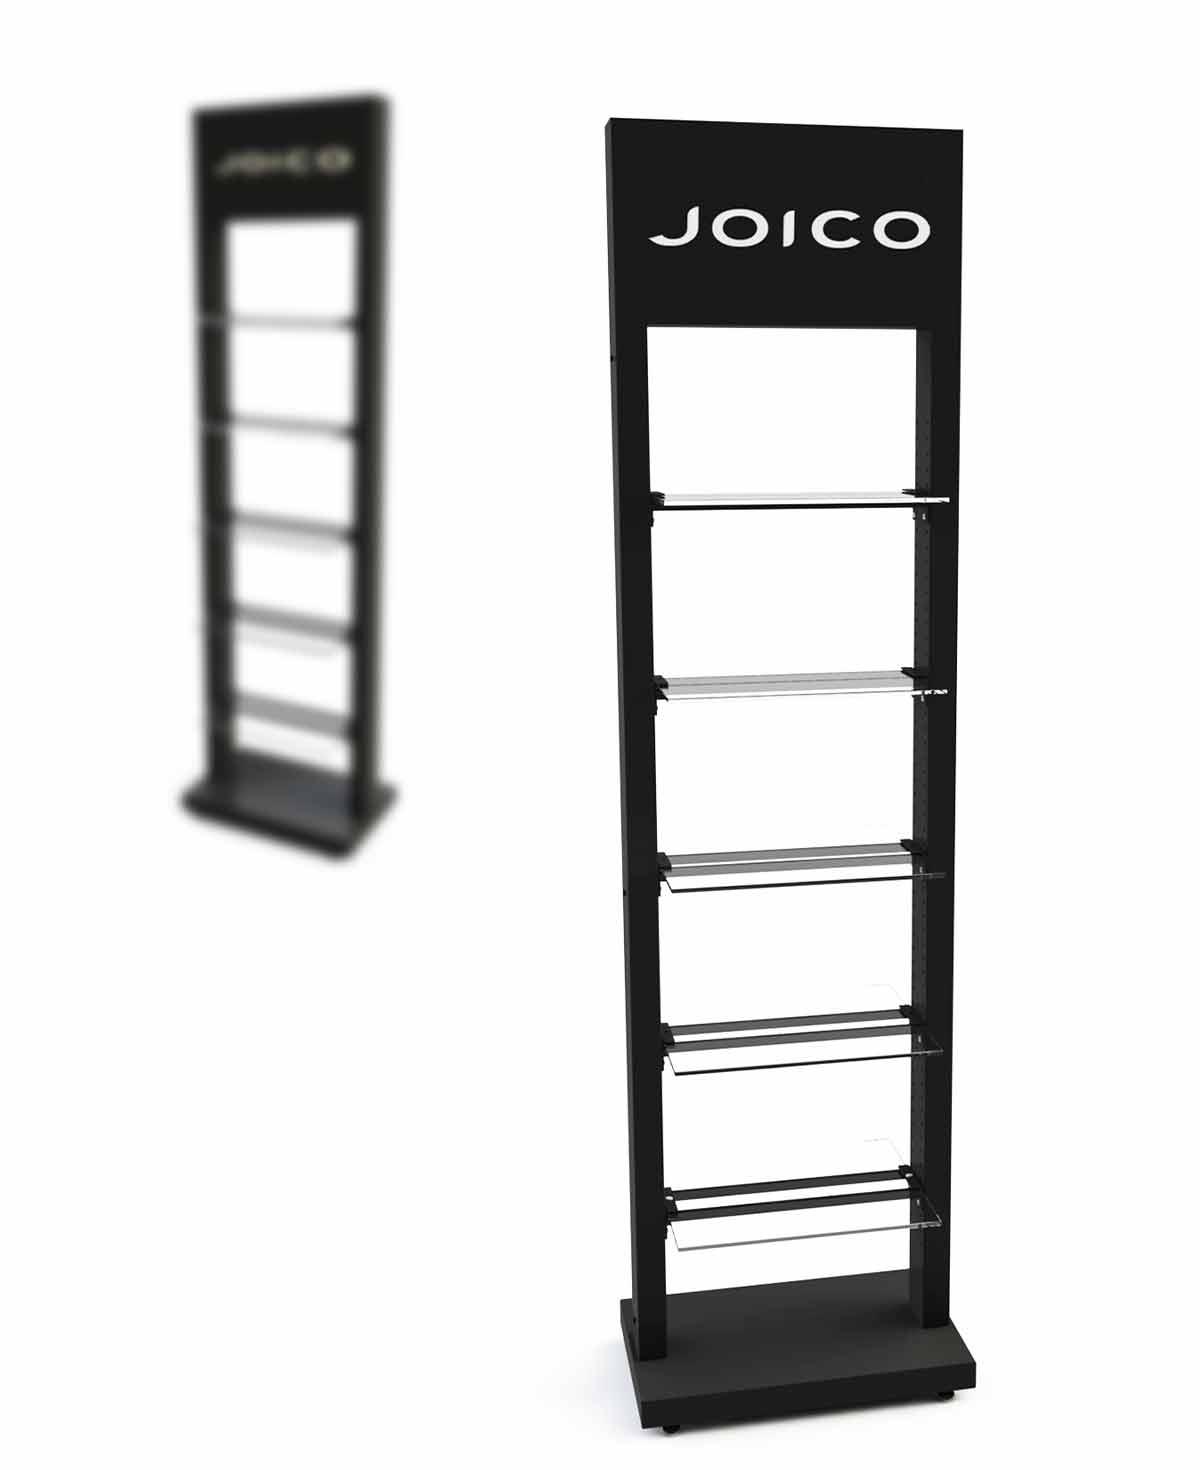 Joico Floor Stand (210x100x10cm)